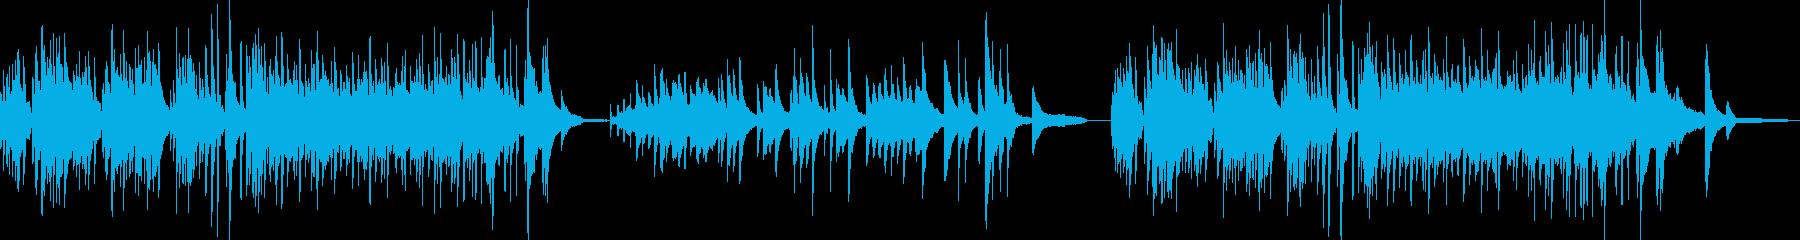 ずんぐりした雰囲気のBGMの再生済みの波形